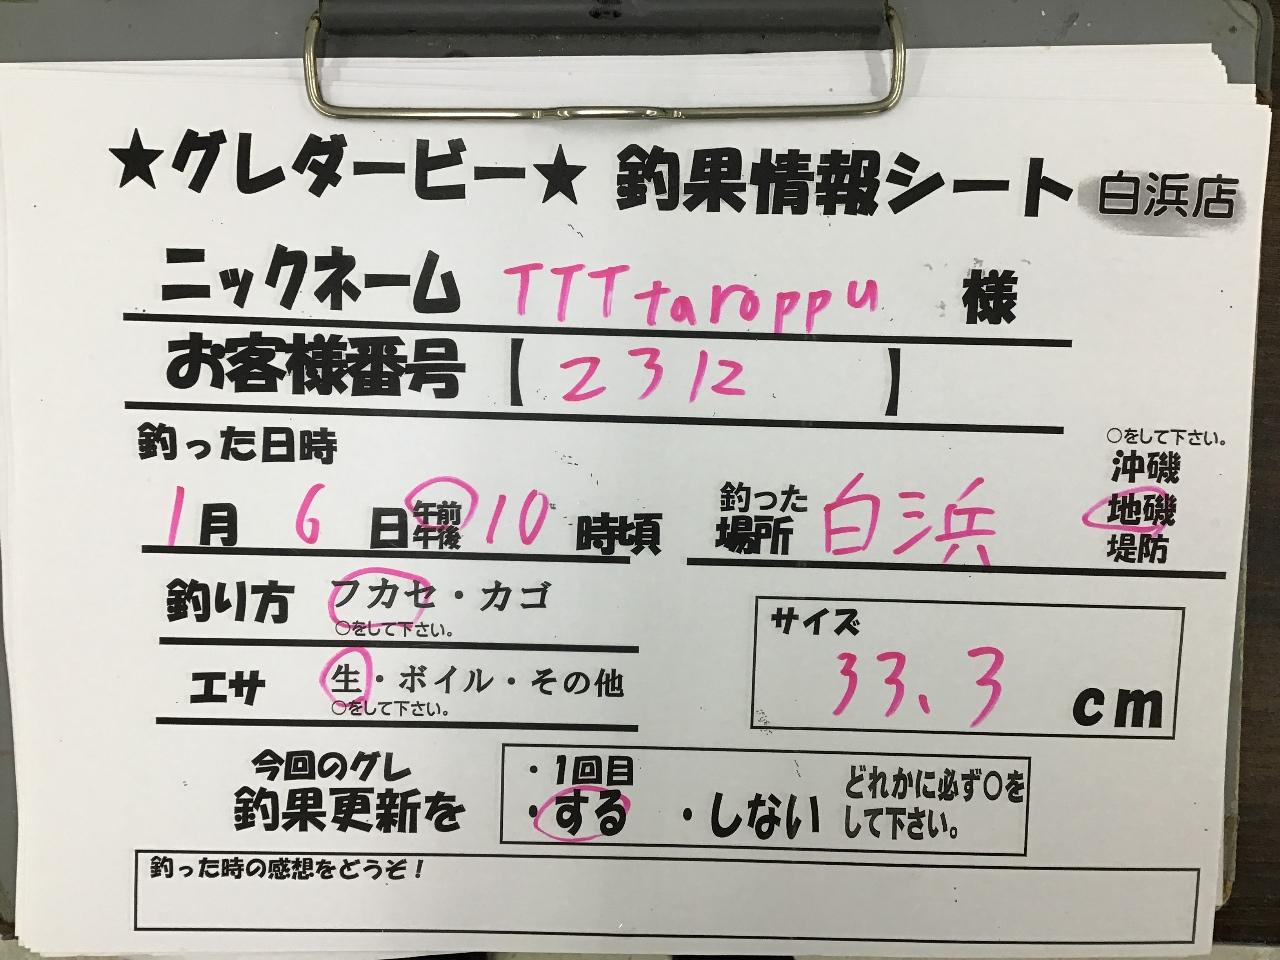 1/6 TTTtaroppu様 第2回グレダービー2020釣果(白浜)33.3cm